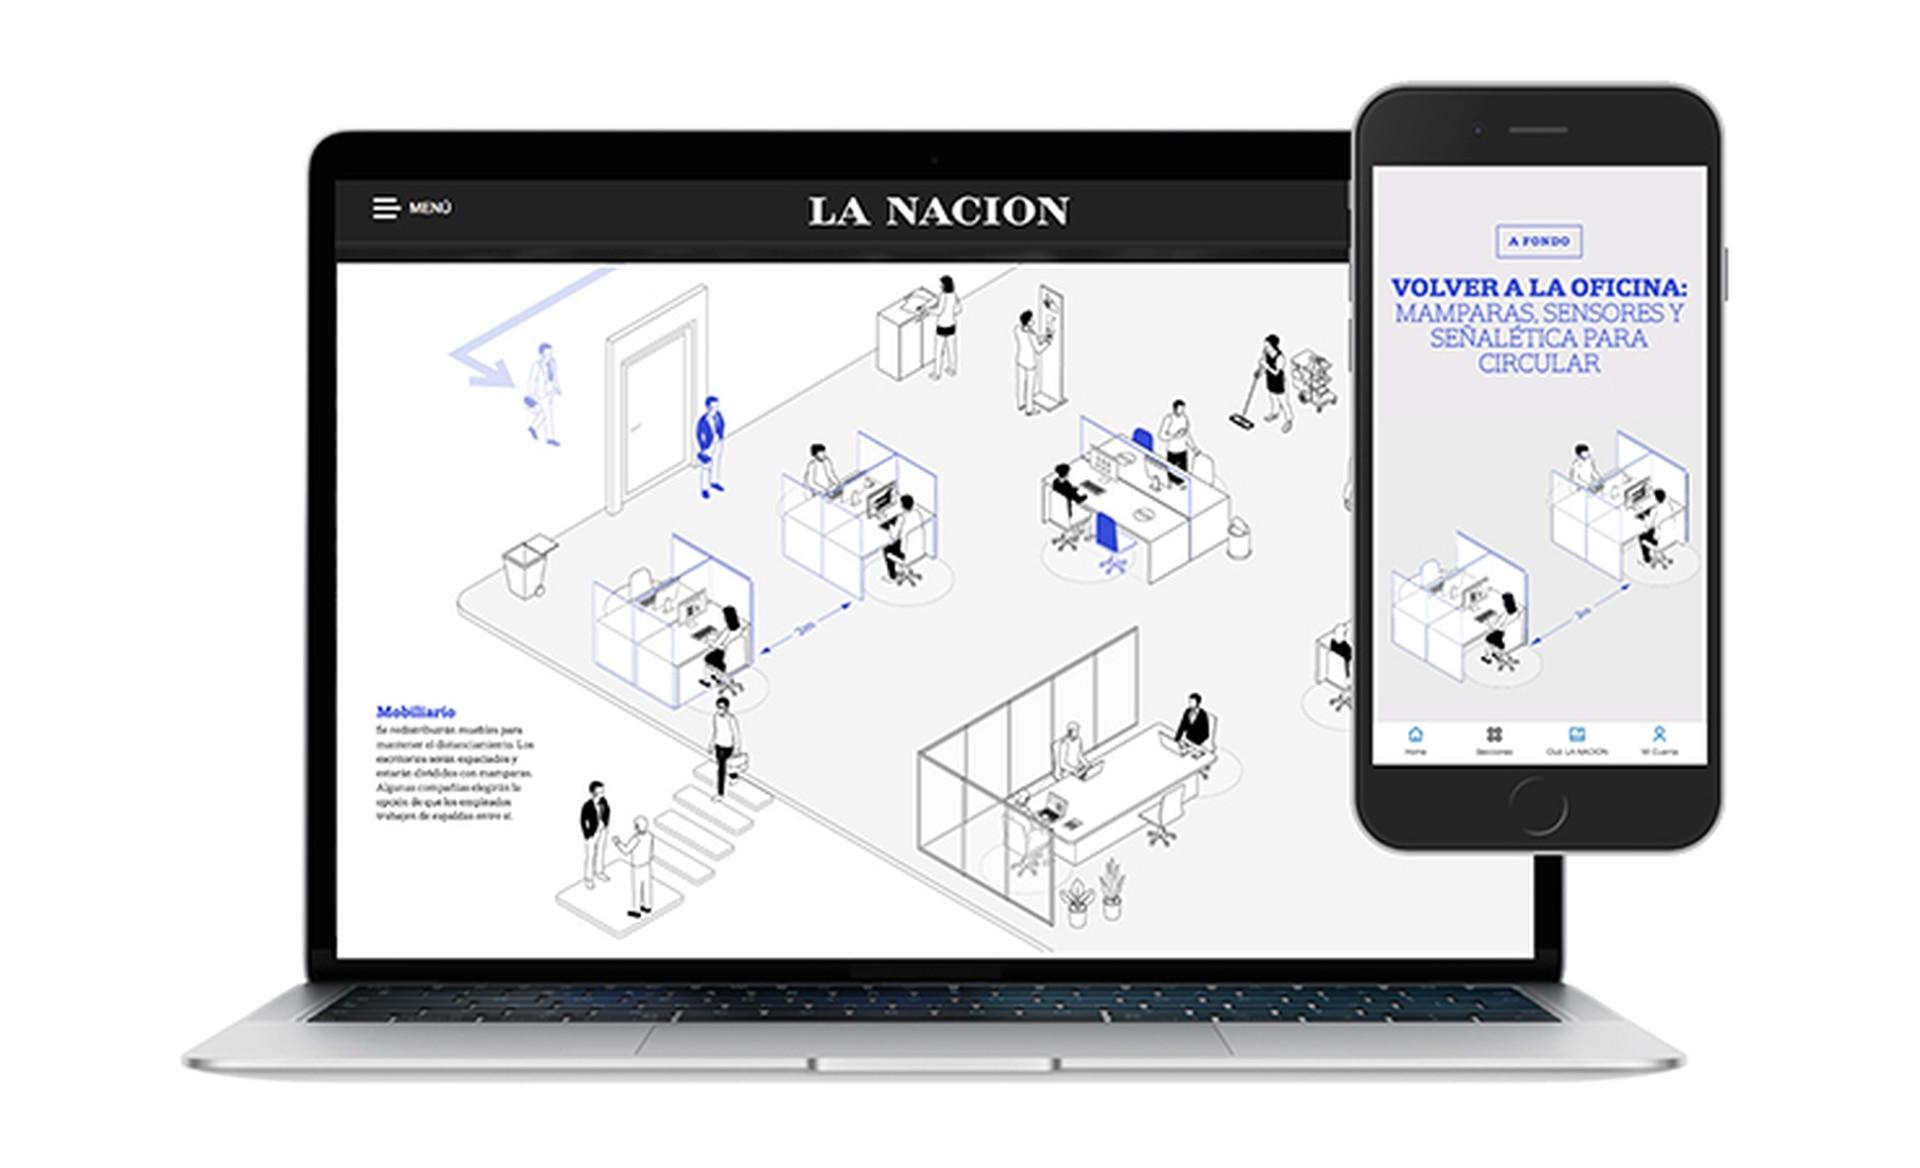 Un producción desarrollada por LA NACION explica el recorrido de un empleado en las oficinas adaptadas a la nueva normalidad